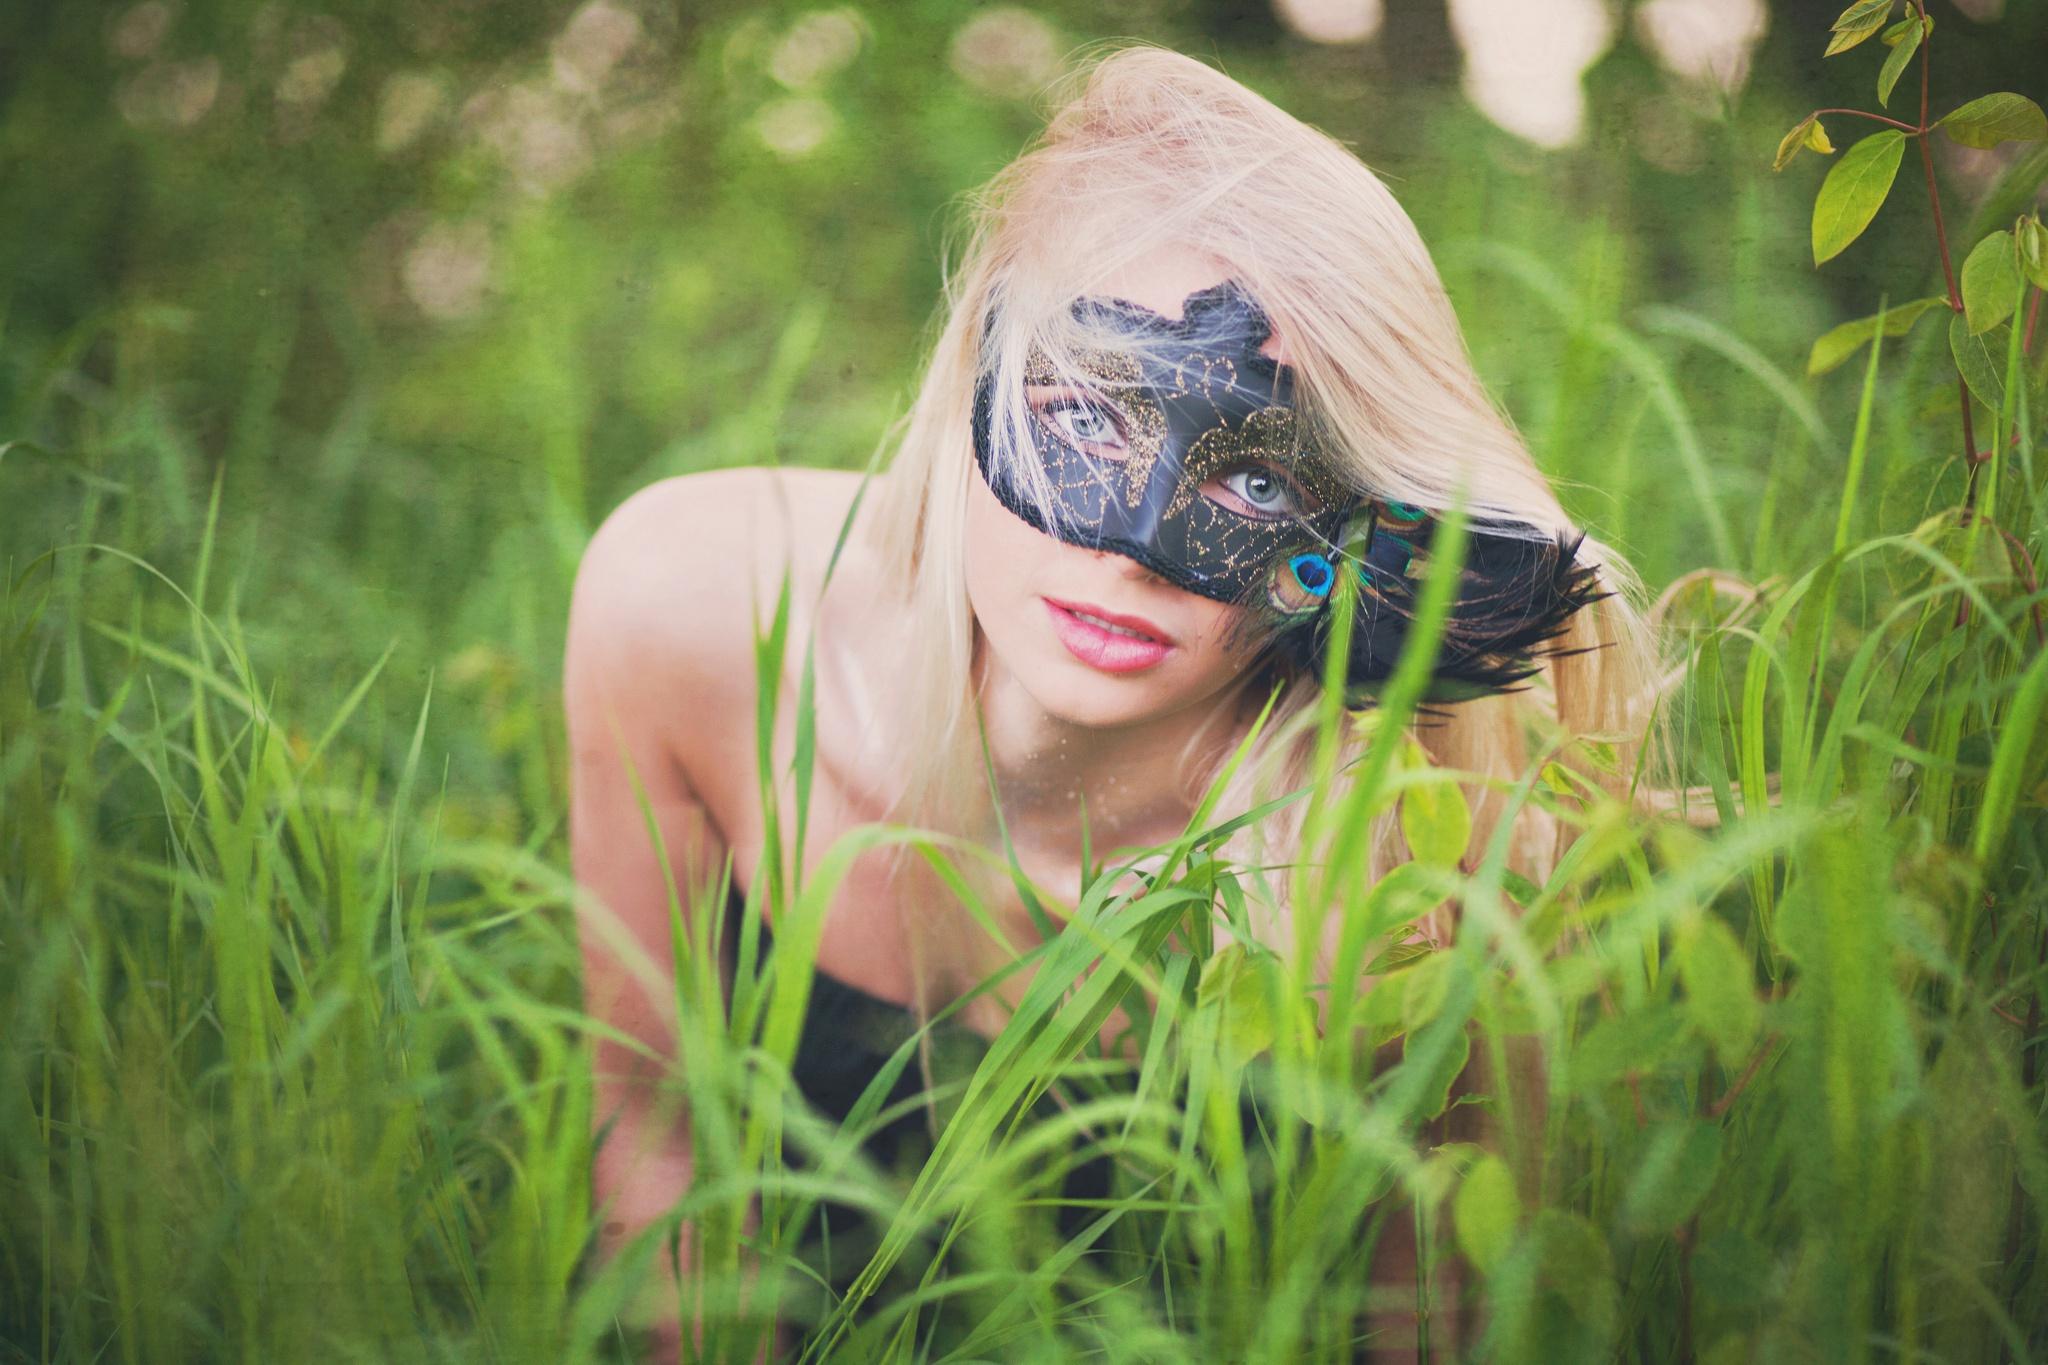 такие варианты фотосессии с маской аксессуары готовы походу